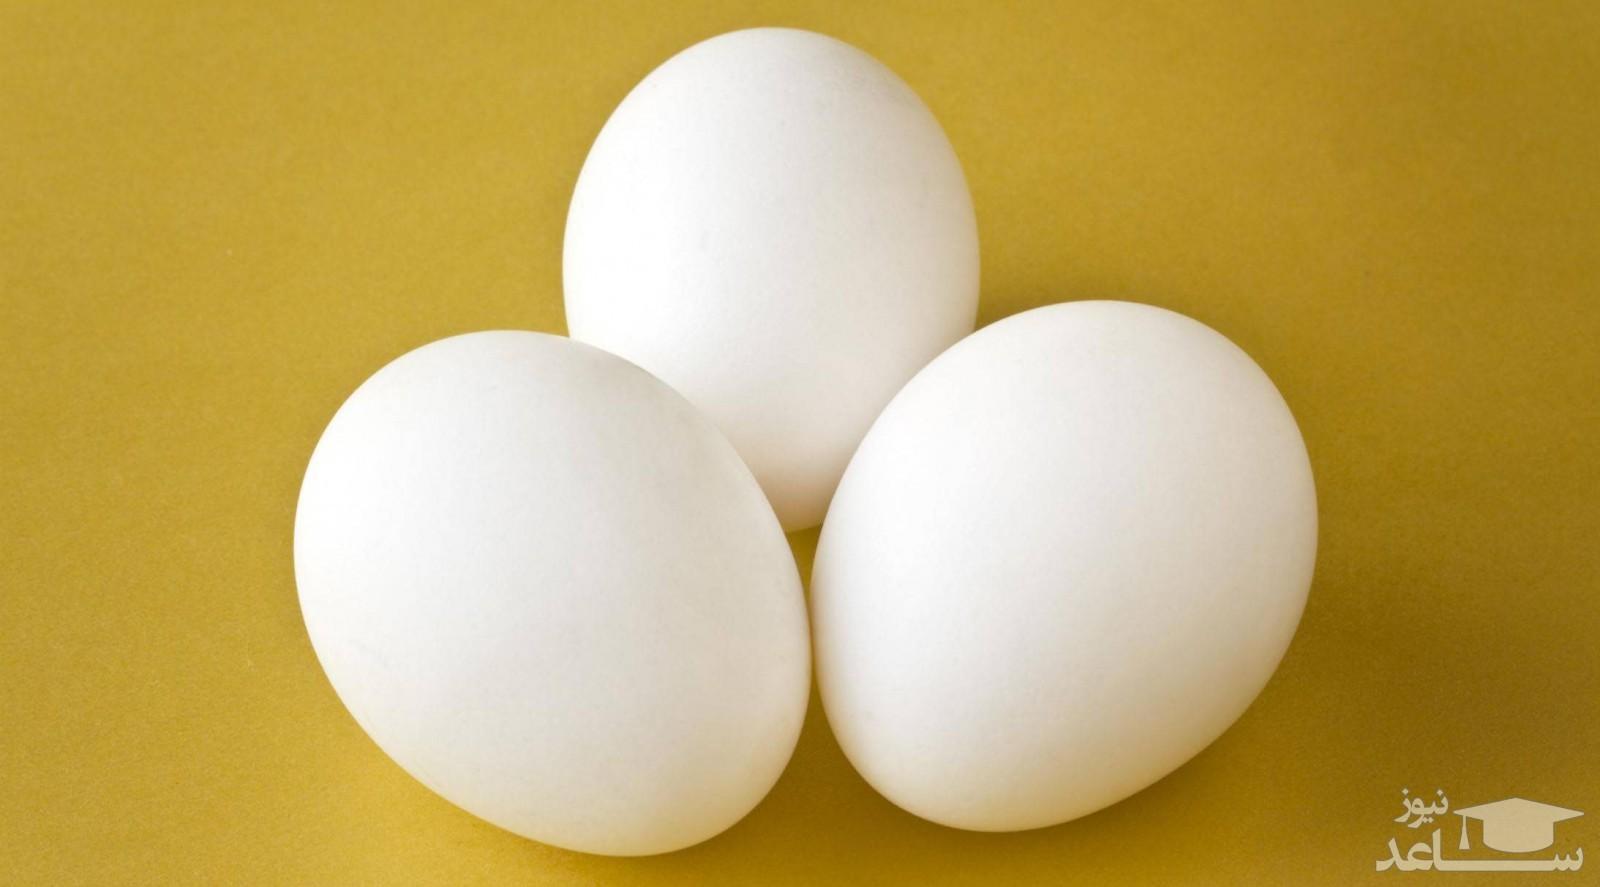 از قرار معلوم قیمت تخم مرغ نیز قصد پرکشیدن دارد